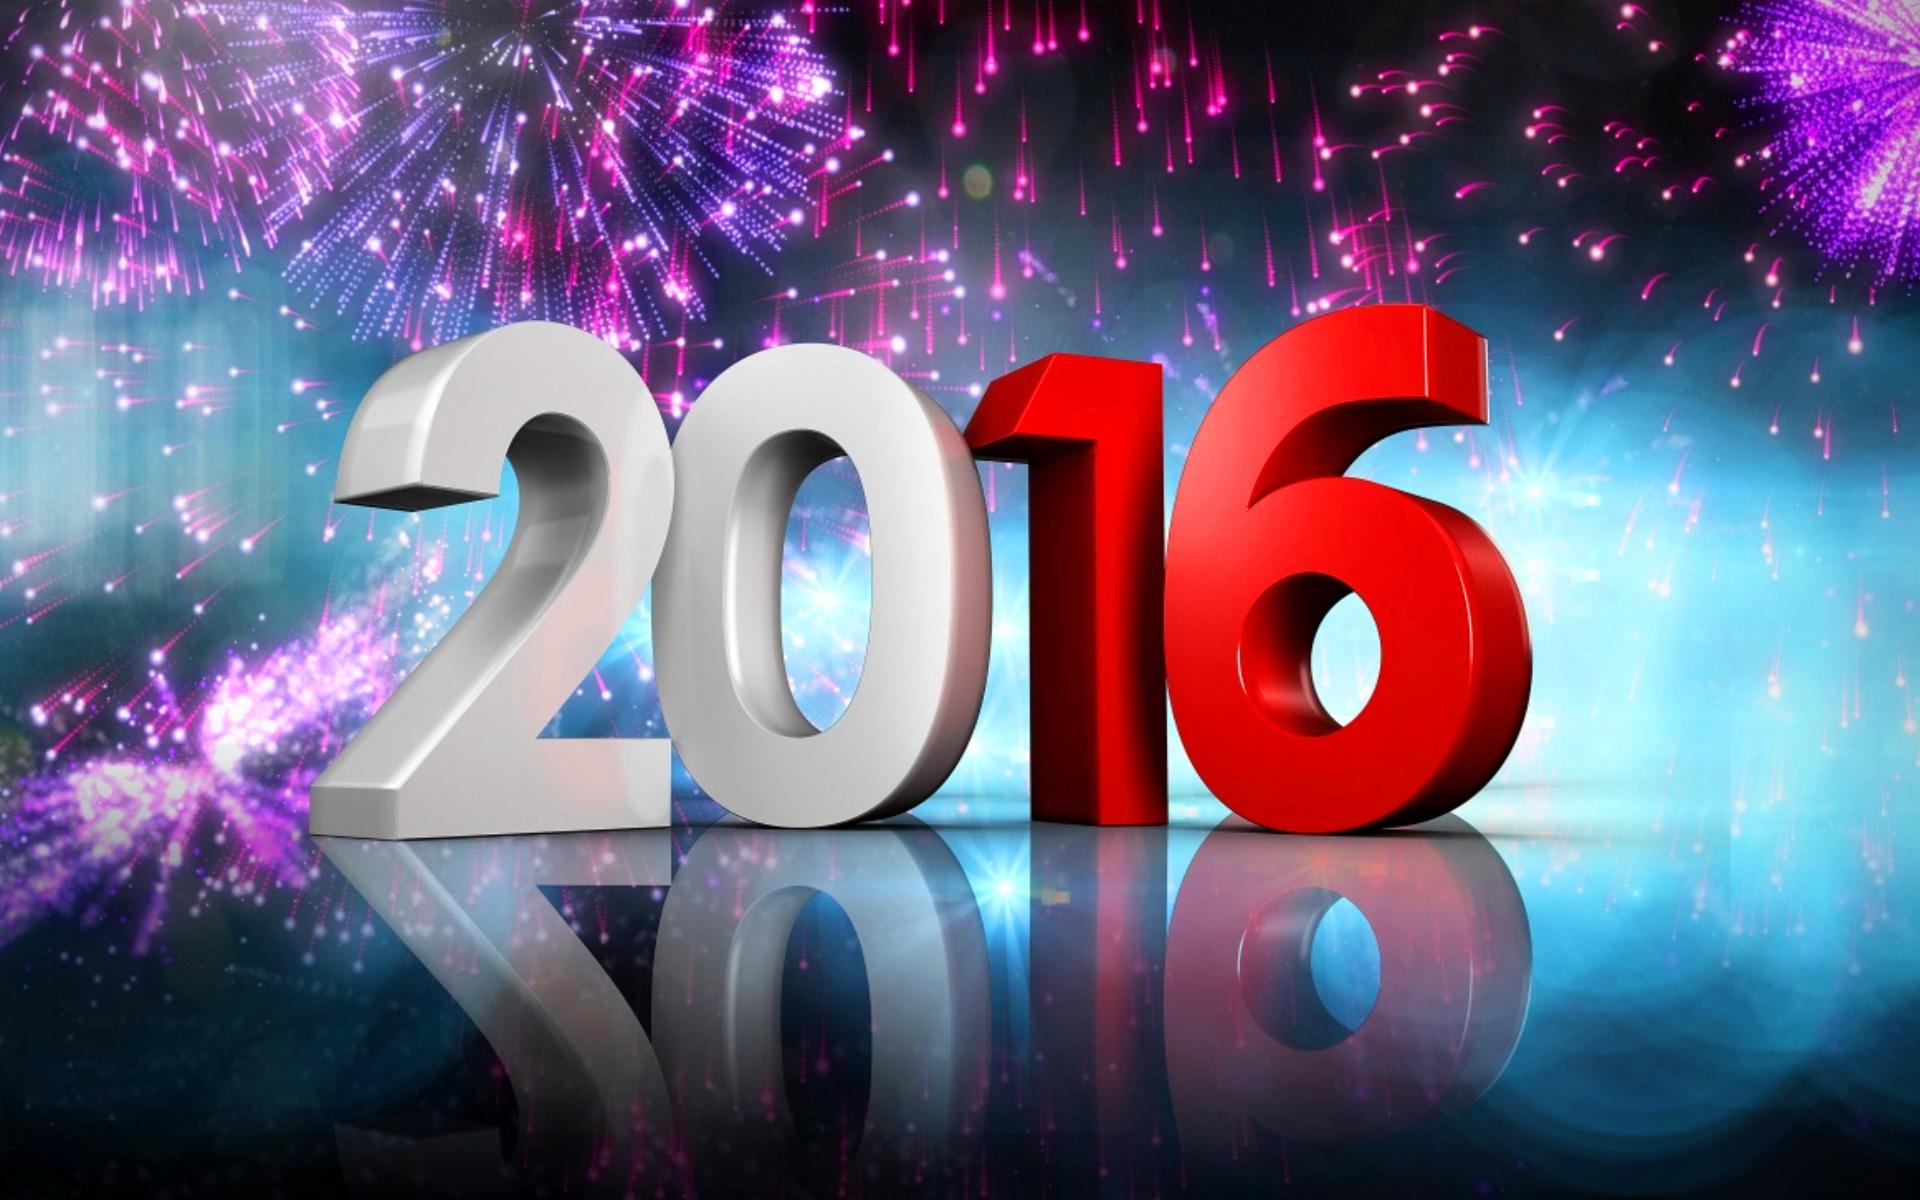 Новый год 2016 - C Новым годом  2018 поздравительные картинки